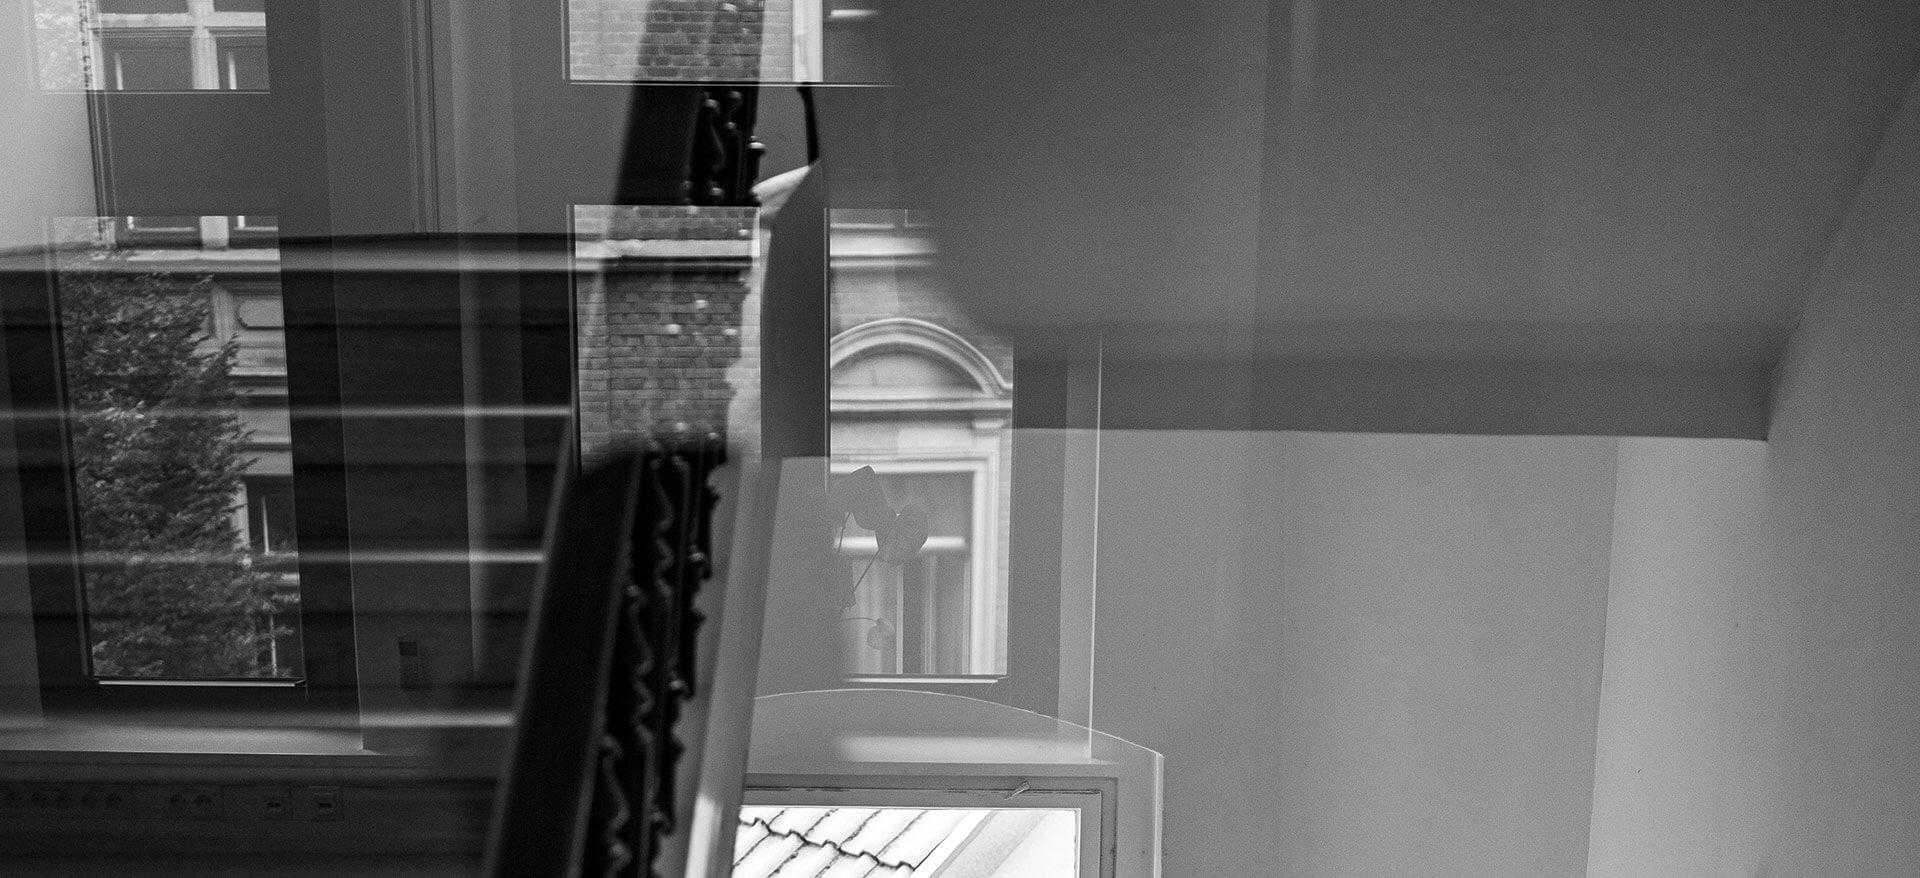 Treppenhaus durch die Eingangstür betrachtet